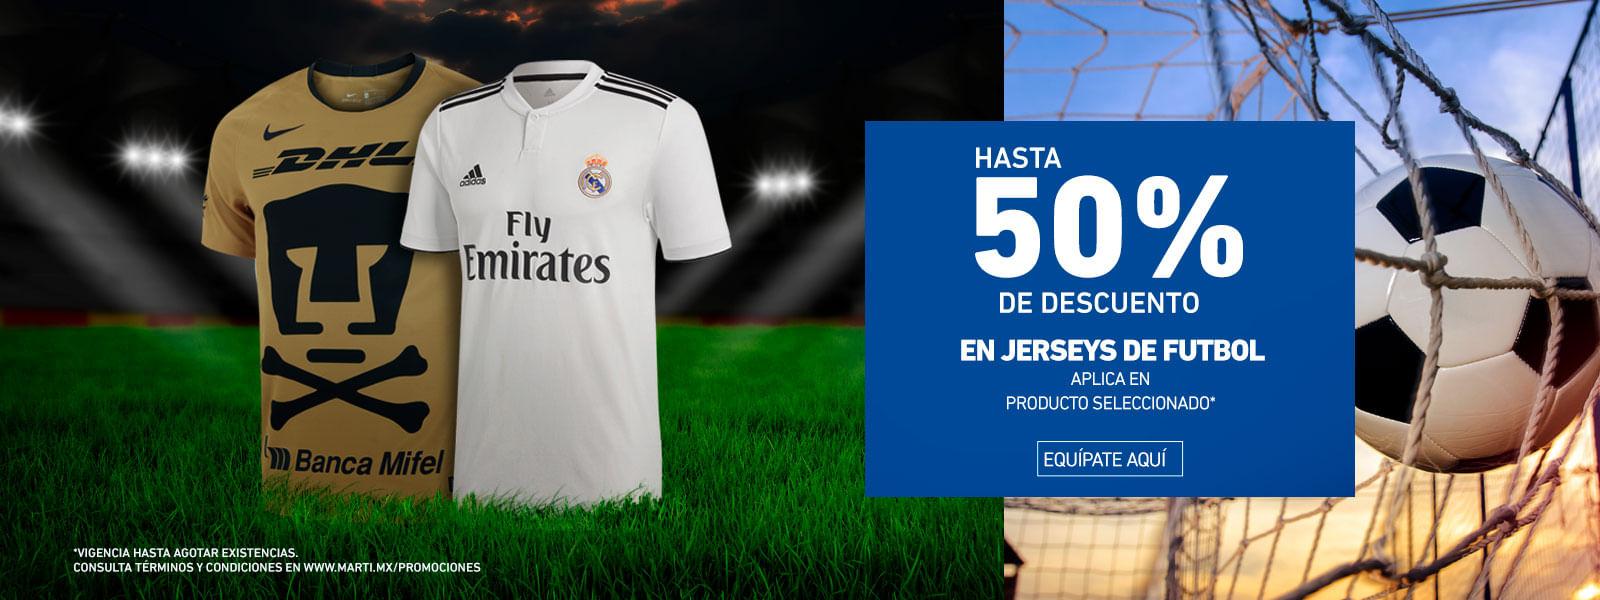 9e3ef55c62ae7 Martí® - Tienda Deportiva en Línea